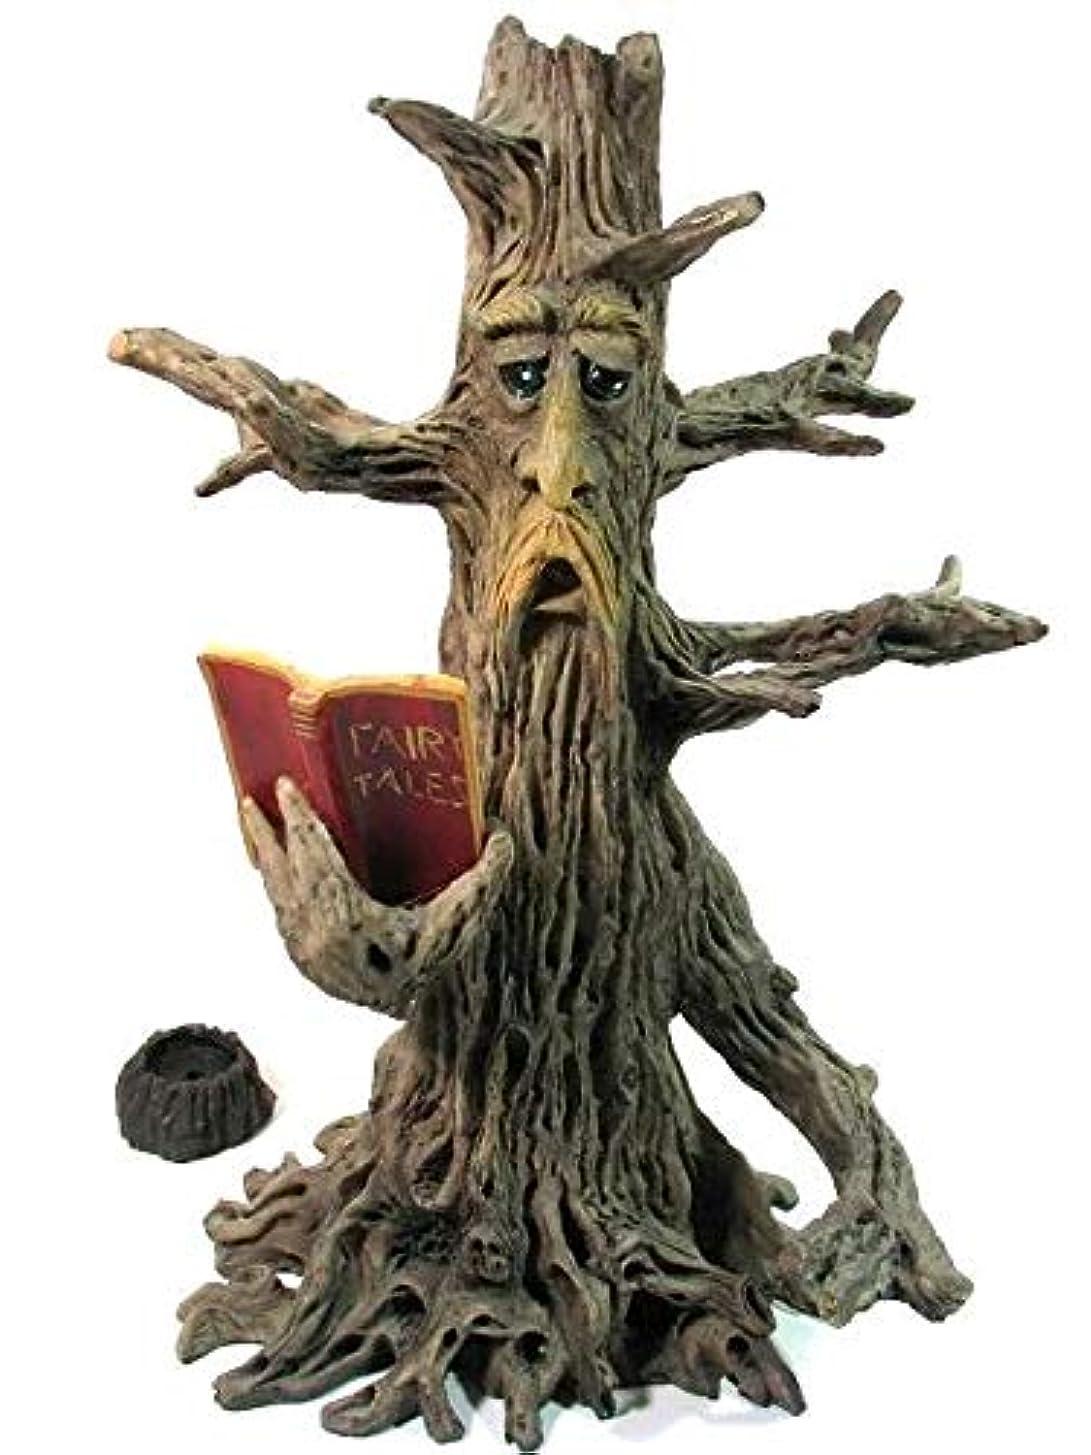 乱れセージテスピアン[INCENSE GOODS(インセンスグッズ)] TREE MAN READING BOOK INCENSE BURNER 木の精香立